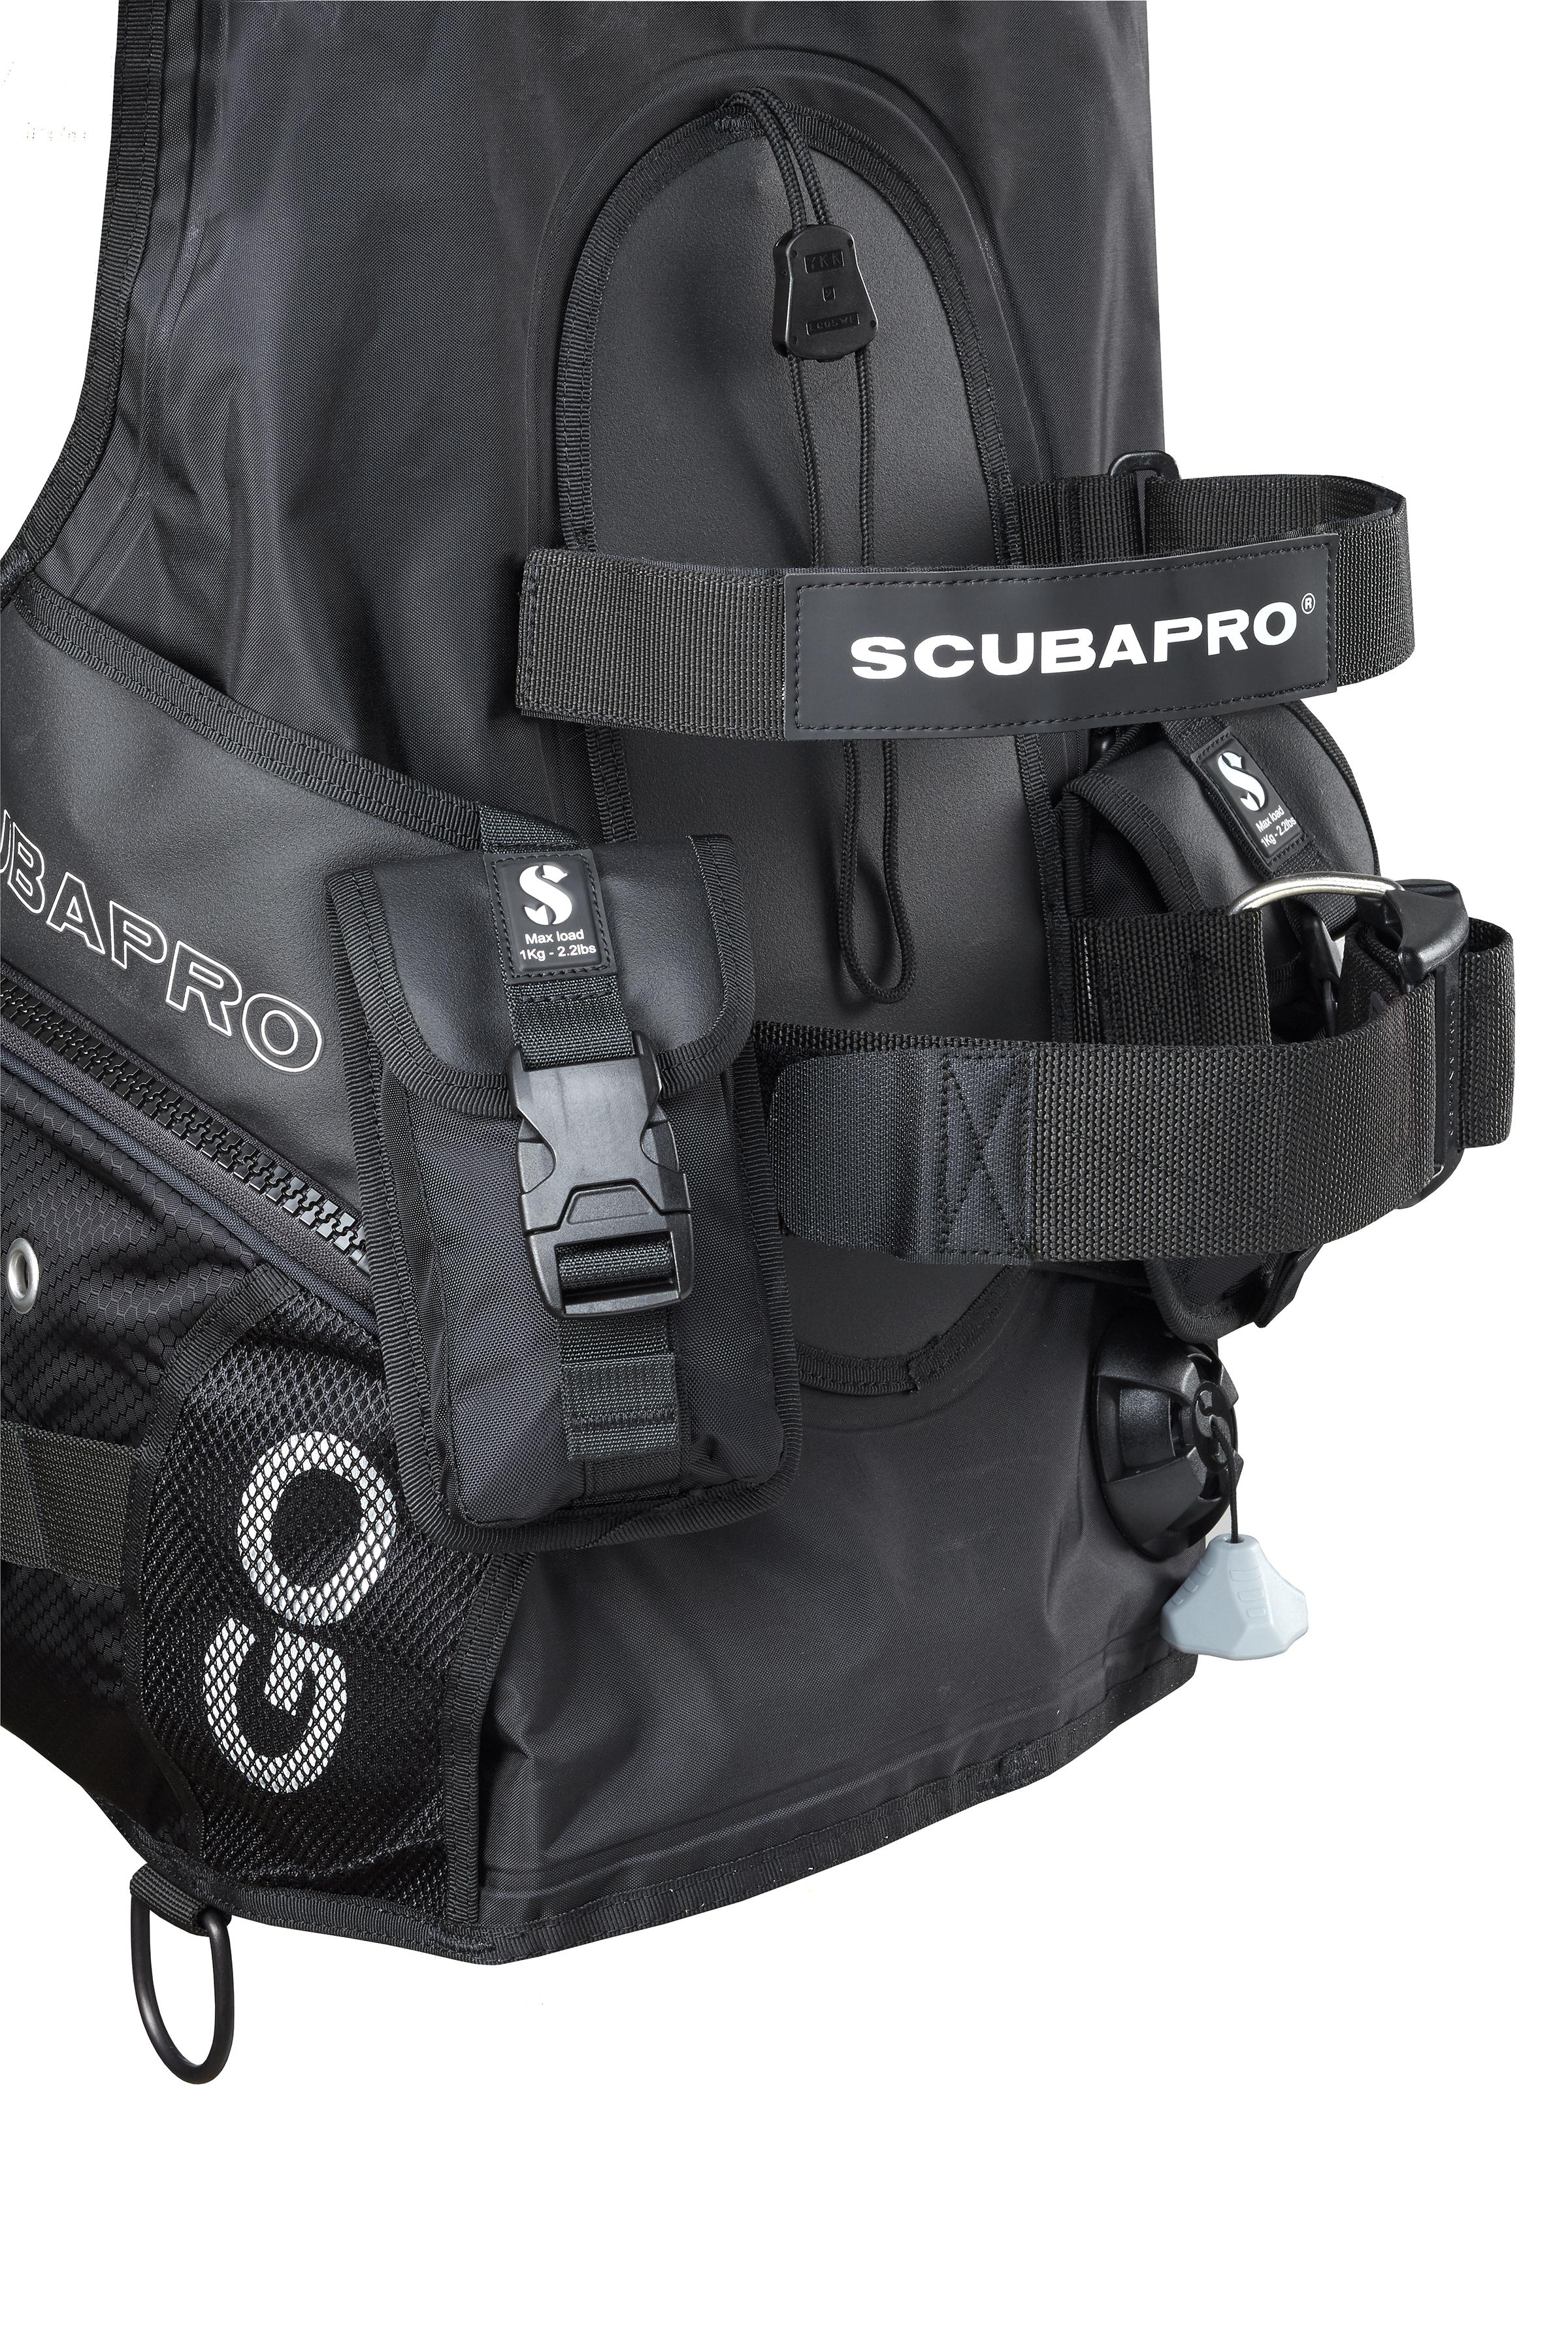 Scubapro Hydros Pro Mens Saguaro Scuba